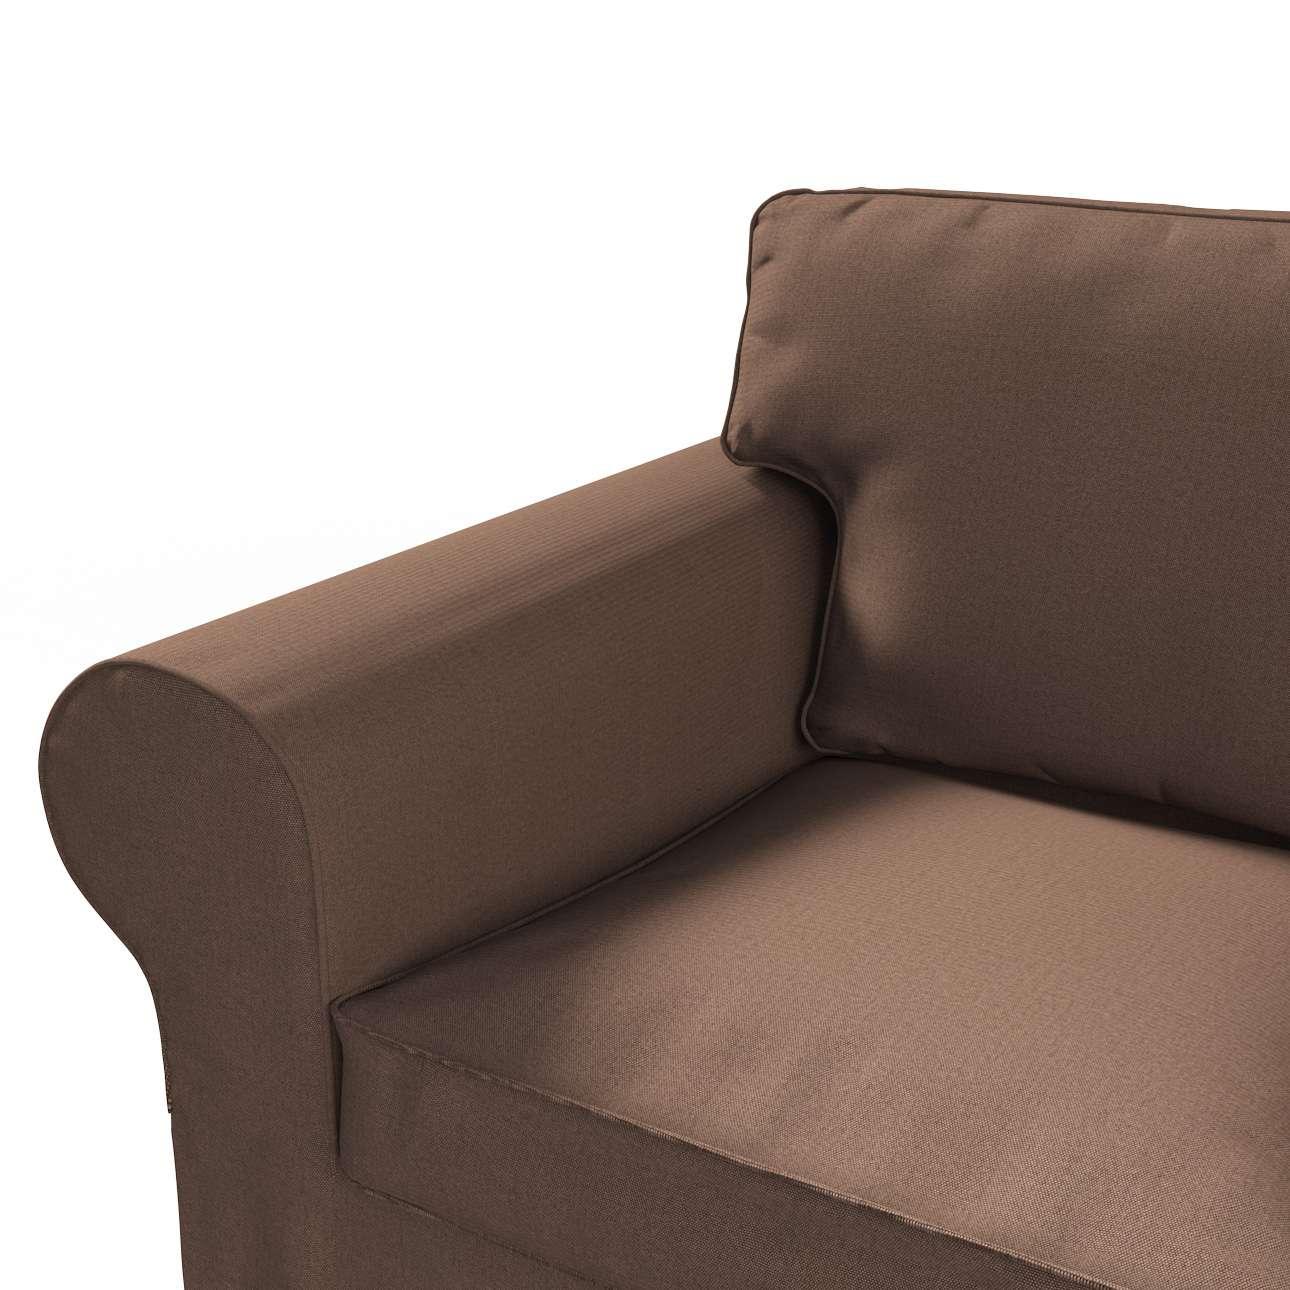 Potah na pohovku IKEA  Ektorp 2-místná, rozkládací, STARÝ MODEL pohovka Ektorp 2-místná rozkládací v kolekci Etna, látka: 705-08